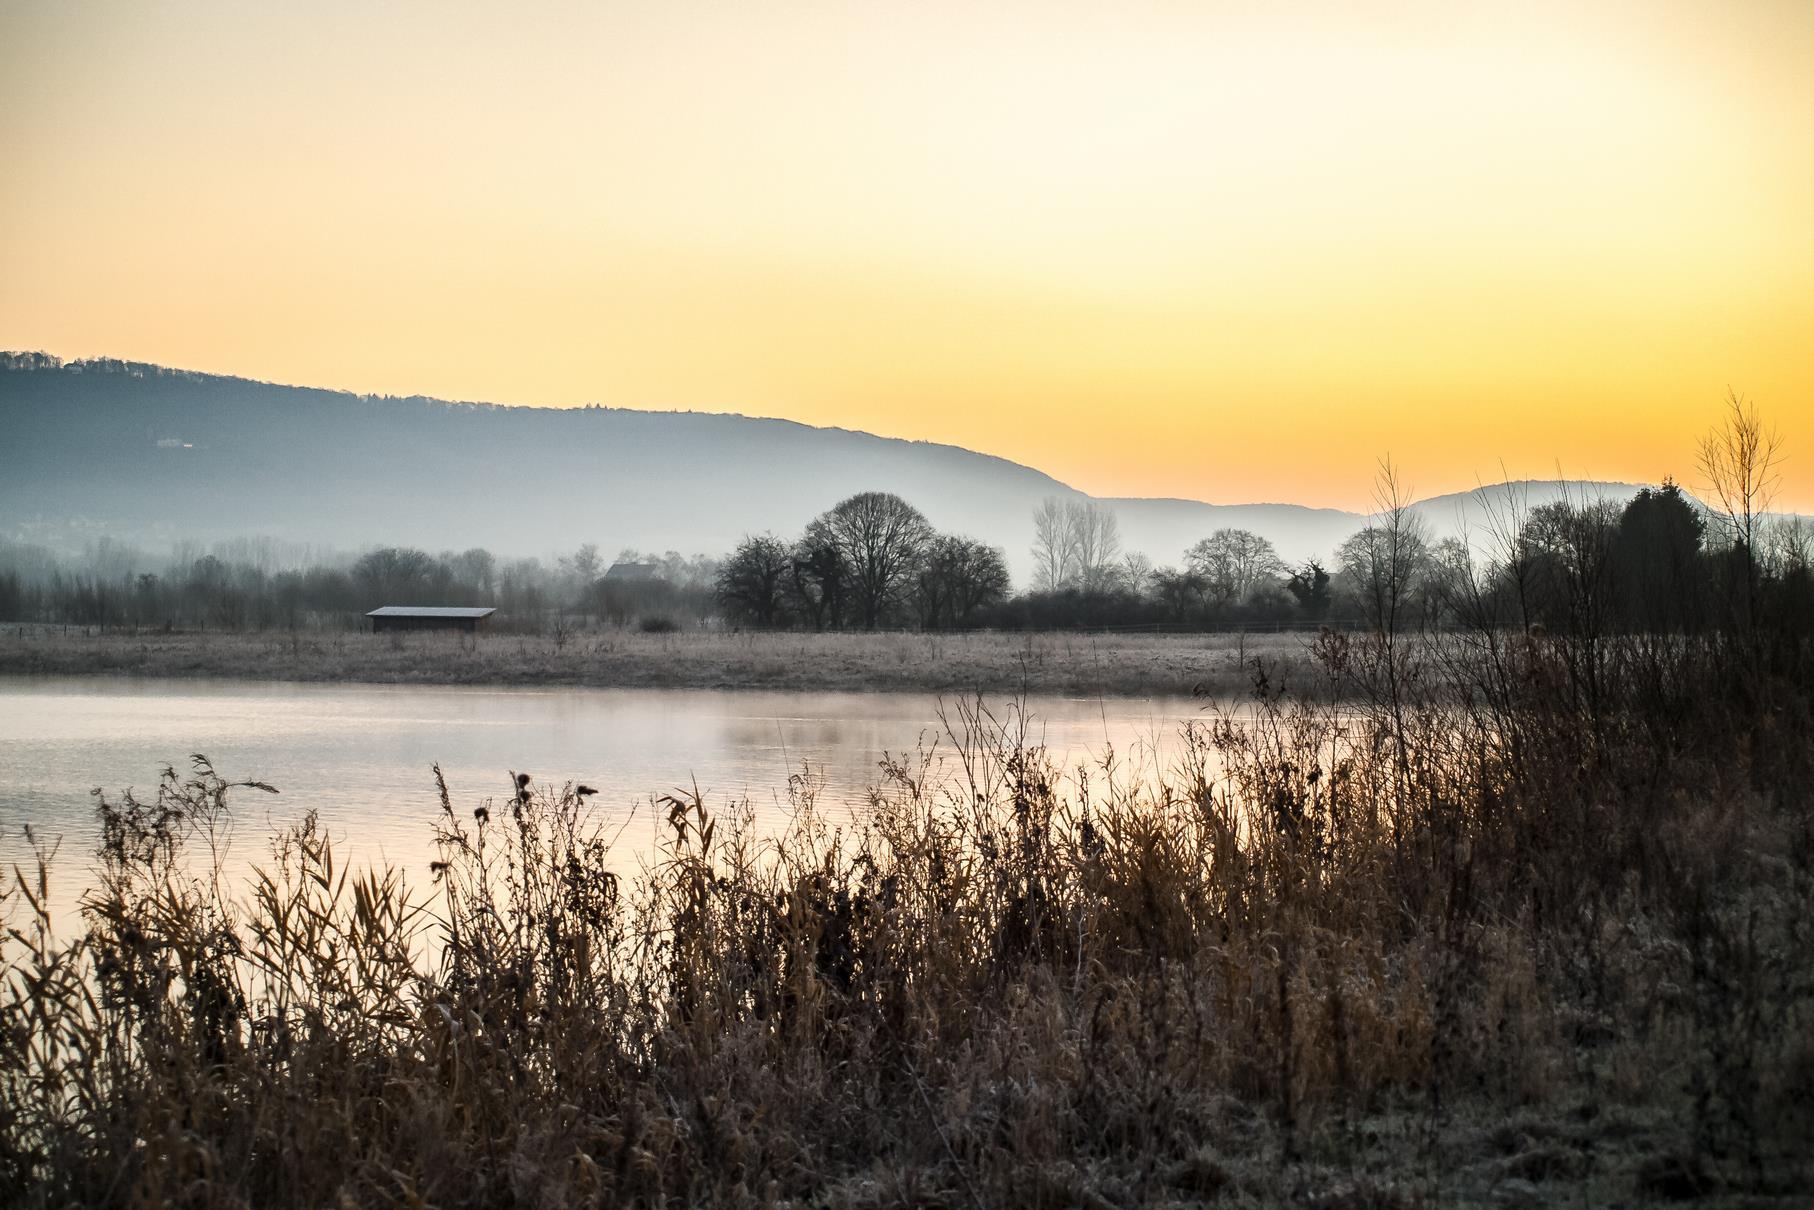 Der Nebel und die Kälte sorgen für schöne Farben zum Sonnenaufgang.